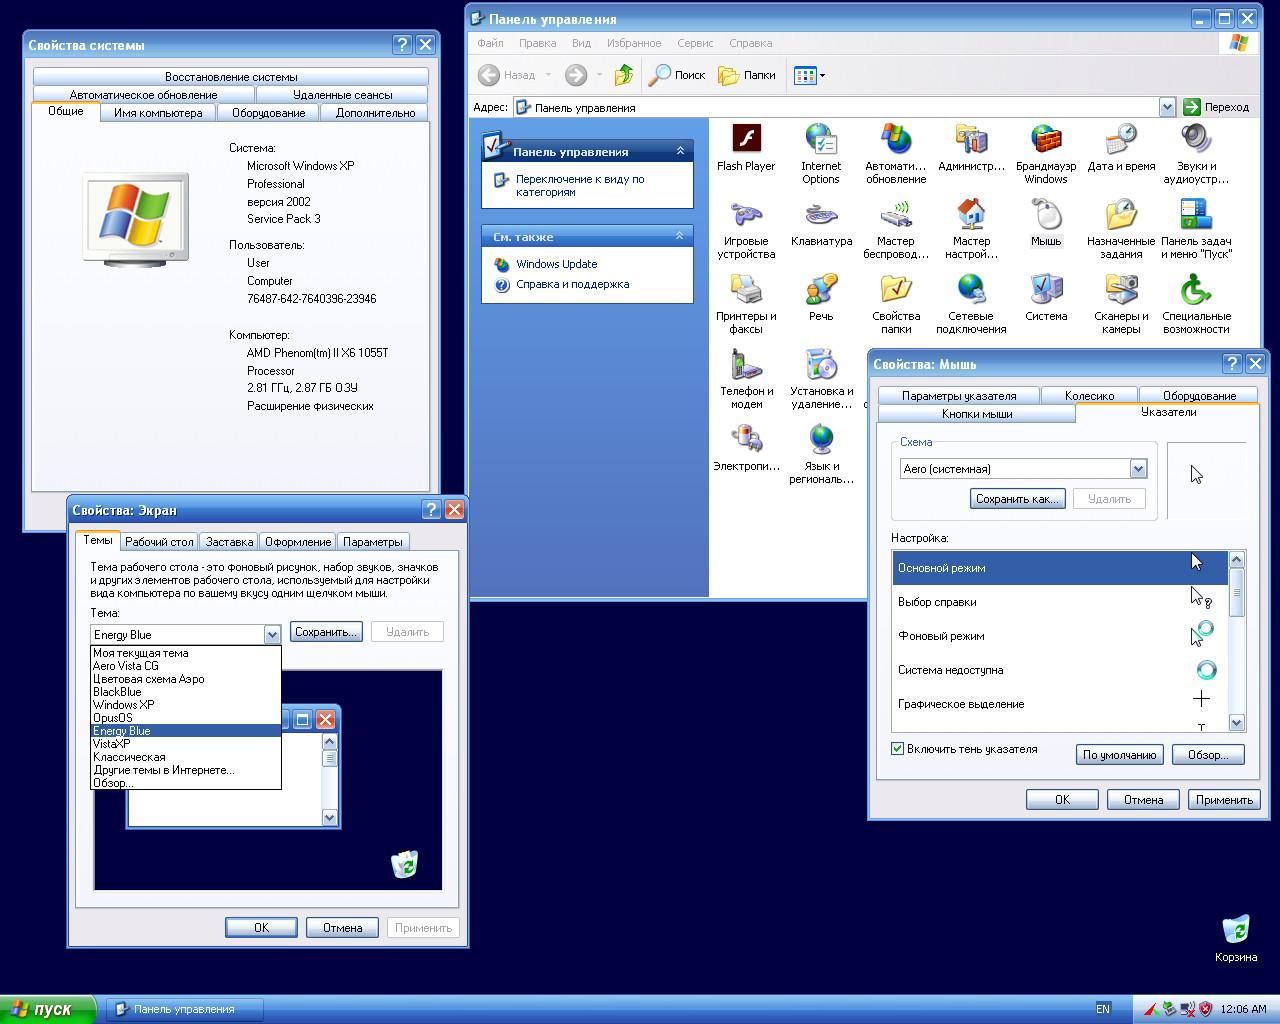 Windows xp с сата драйверами скачать торрент